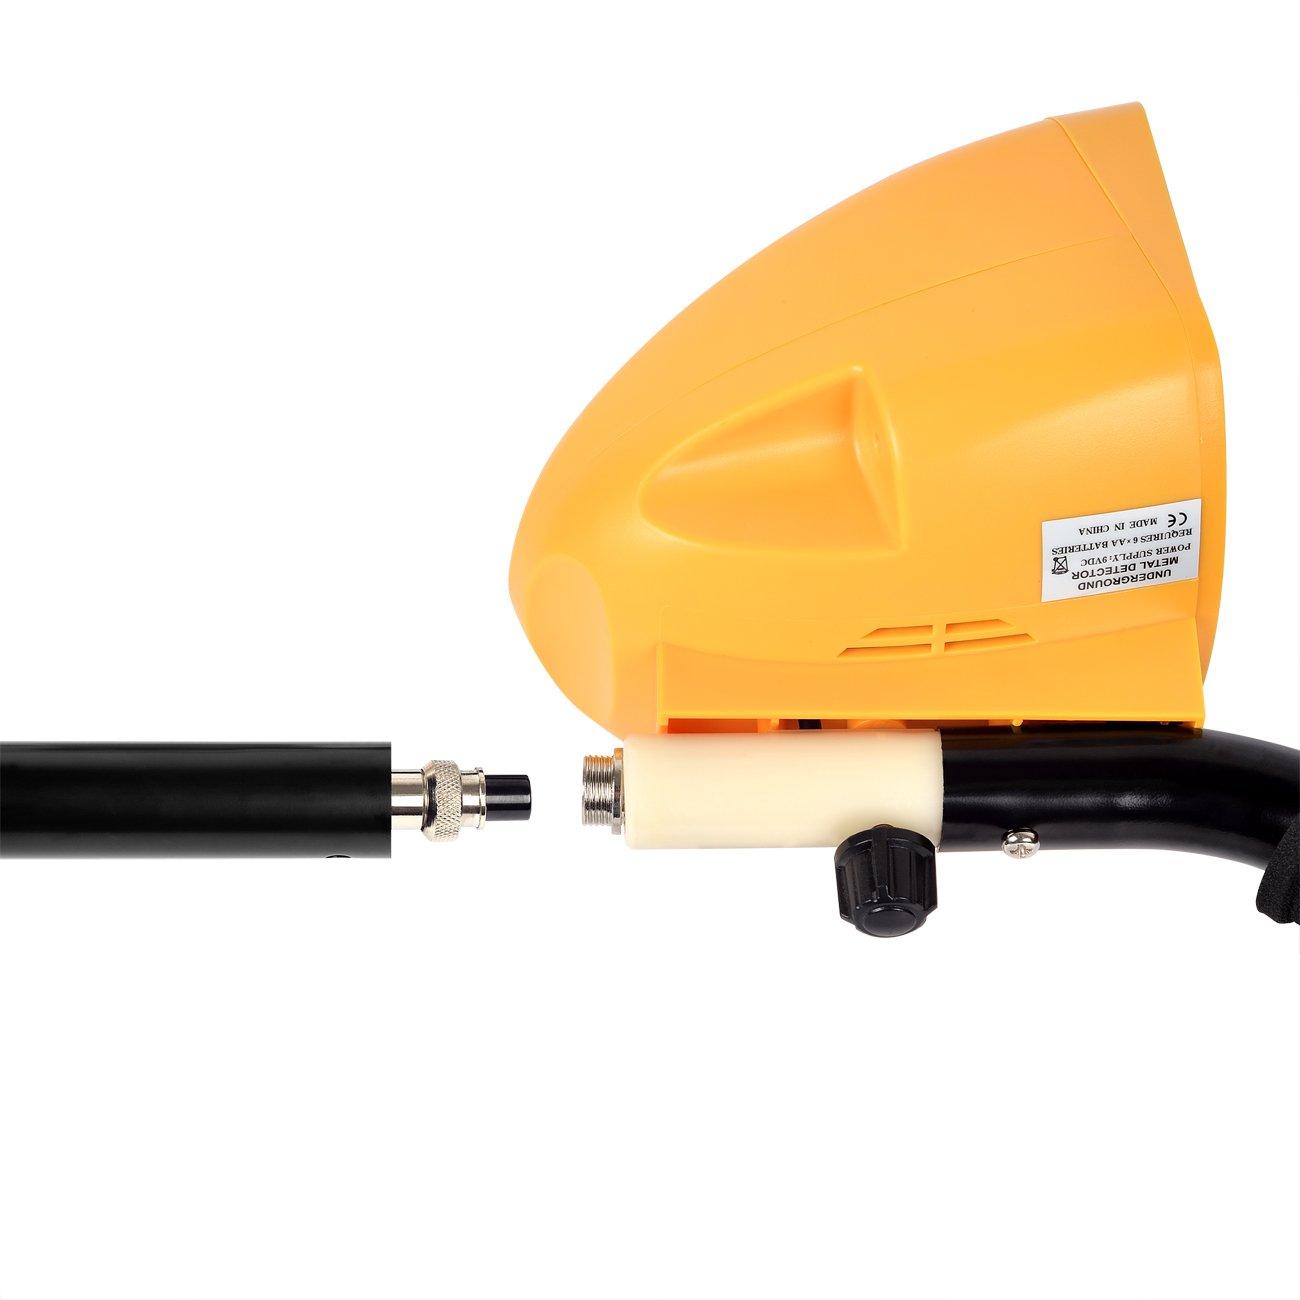 HOOMYA Detectores de Metal Ligero para Adultos, Tallo Ajustable y Cazador de Tesoros DE 8, 2 Pulgadas con Pantalla LCD Display-3010: Amazon.es: Jardín